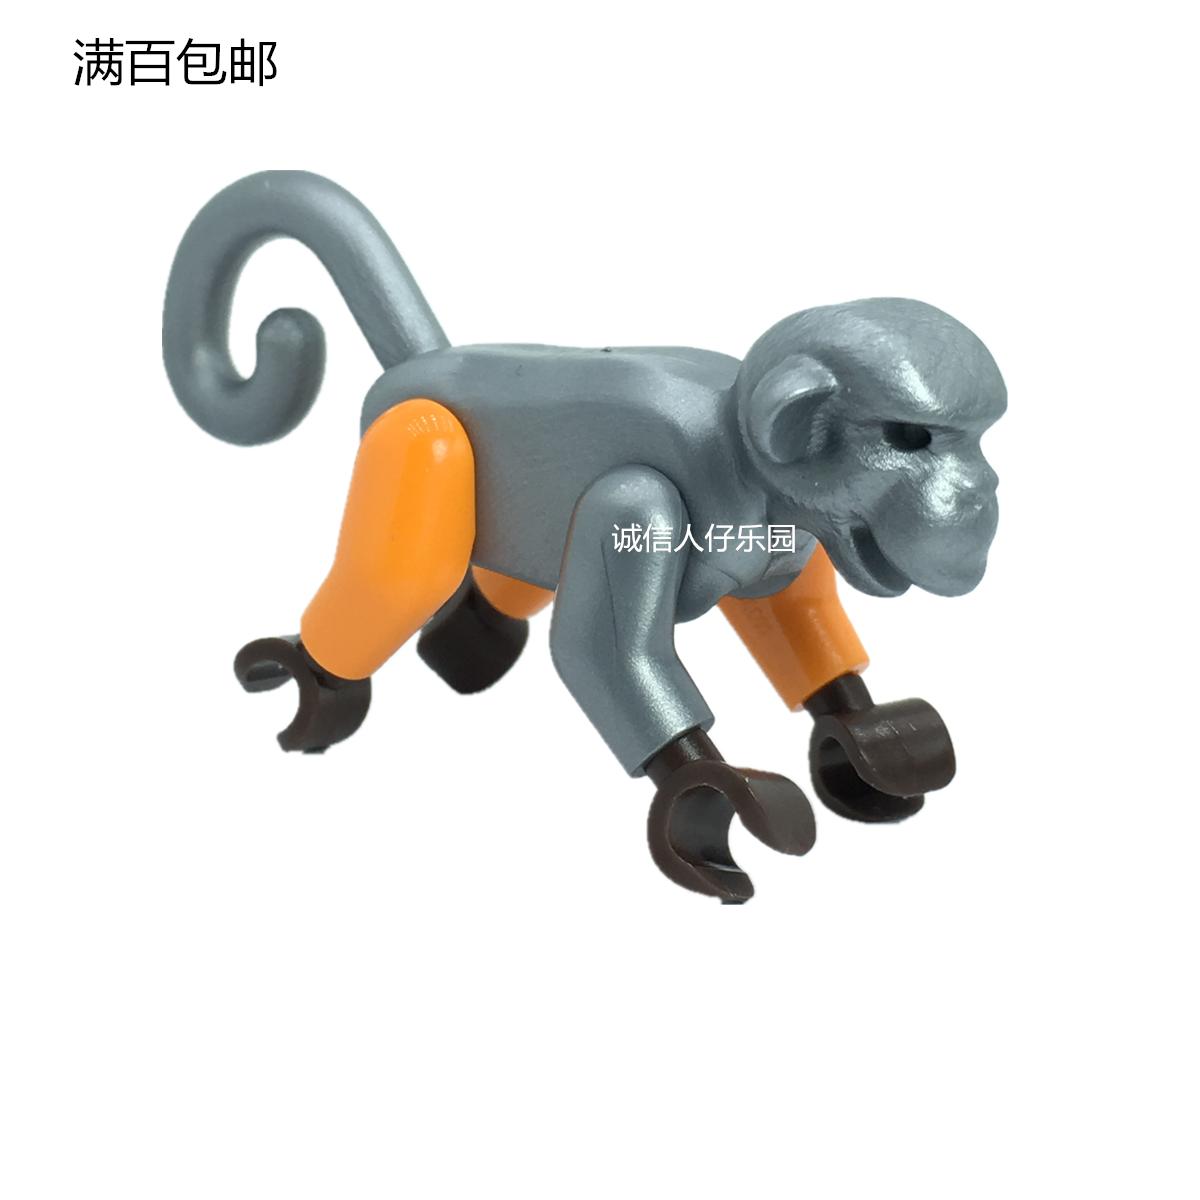 限10000张券lego 乐高 幻影忍者 飞天海盗 70602 70605 人仔 坏坏猴 飞天猴